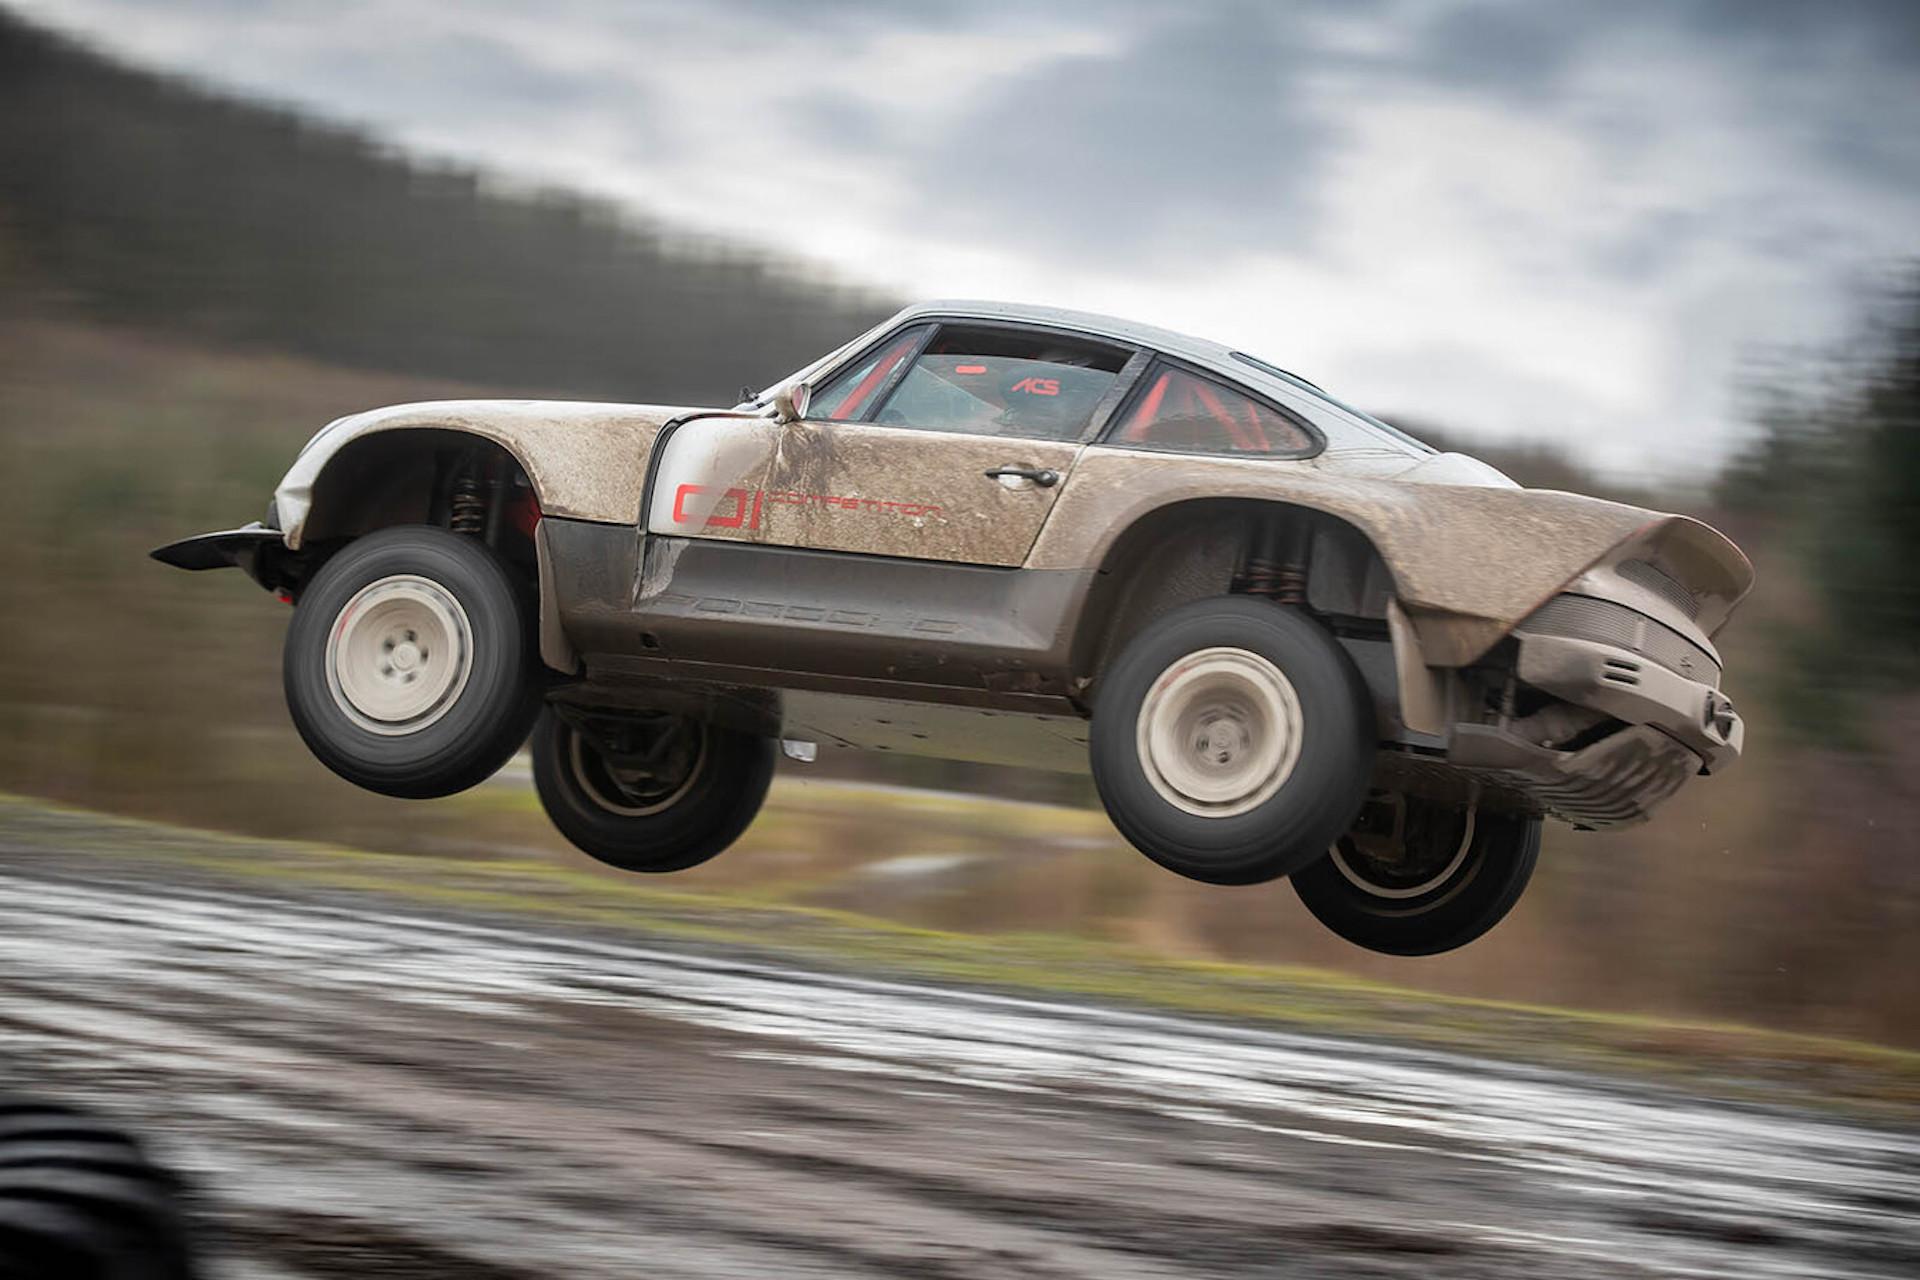 Singer Acs Porsche 911 Safari 10